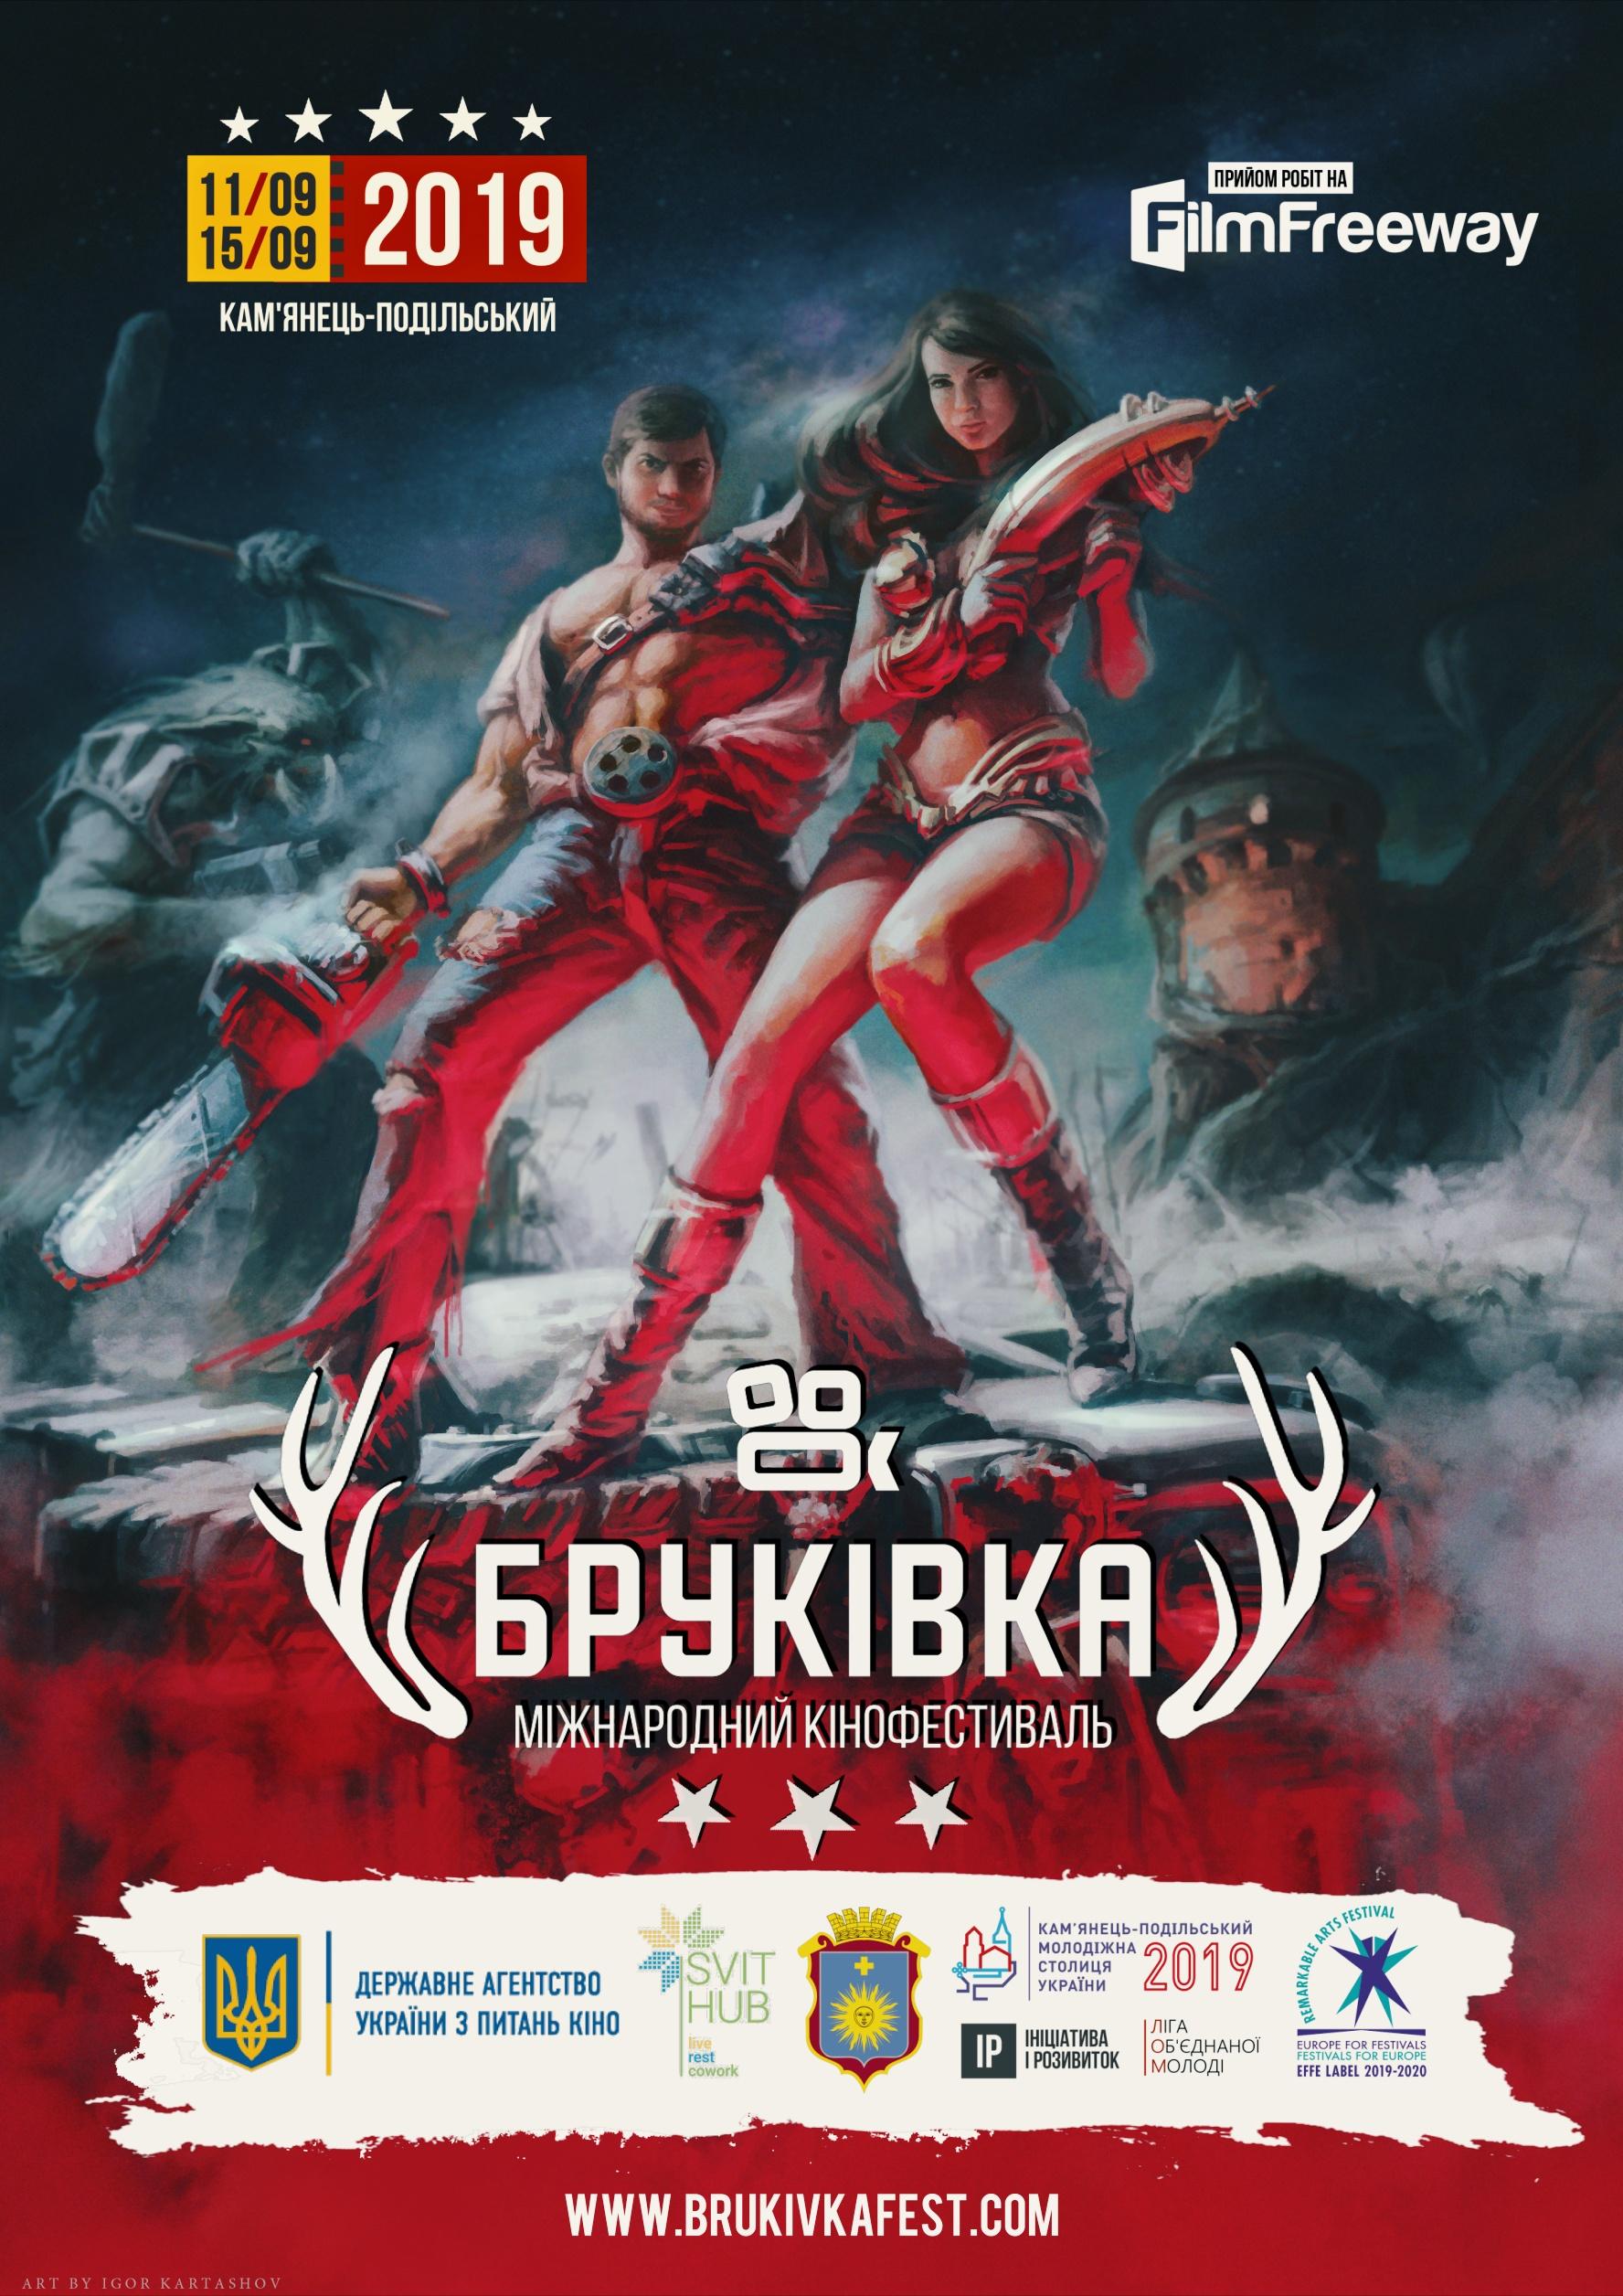 ІІІ Міжнародний кінофестиваль «БРУКІВКА» в Кам'янці-Подільському (11-15 вересня 2019 року)